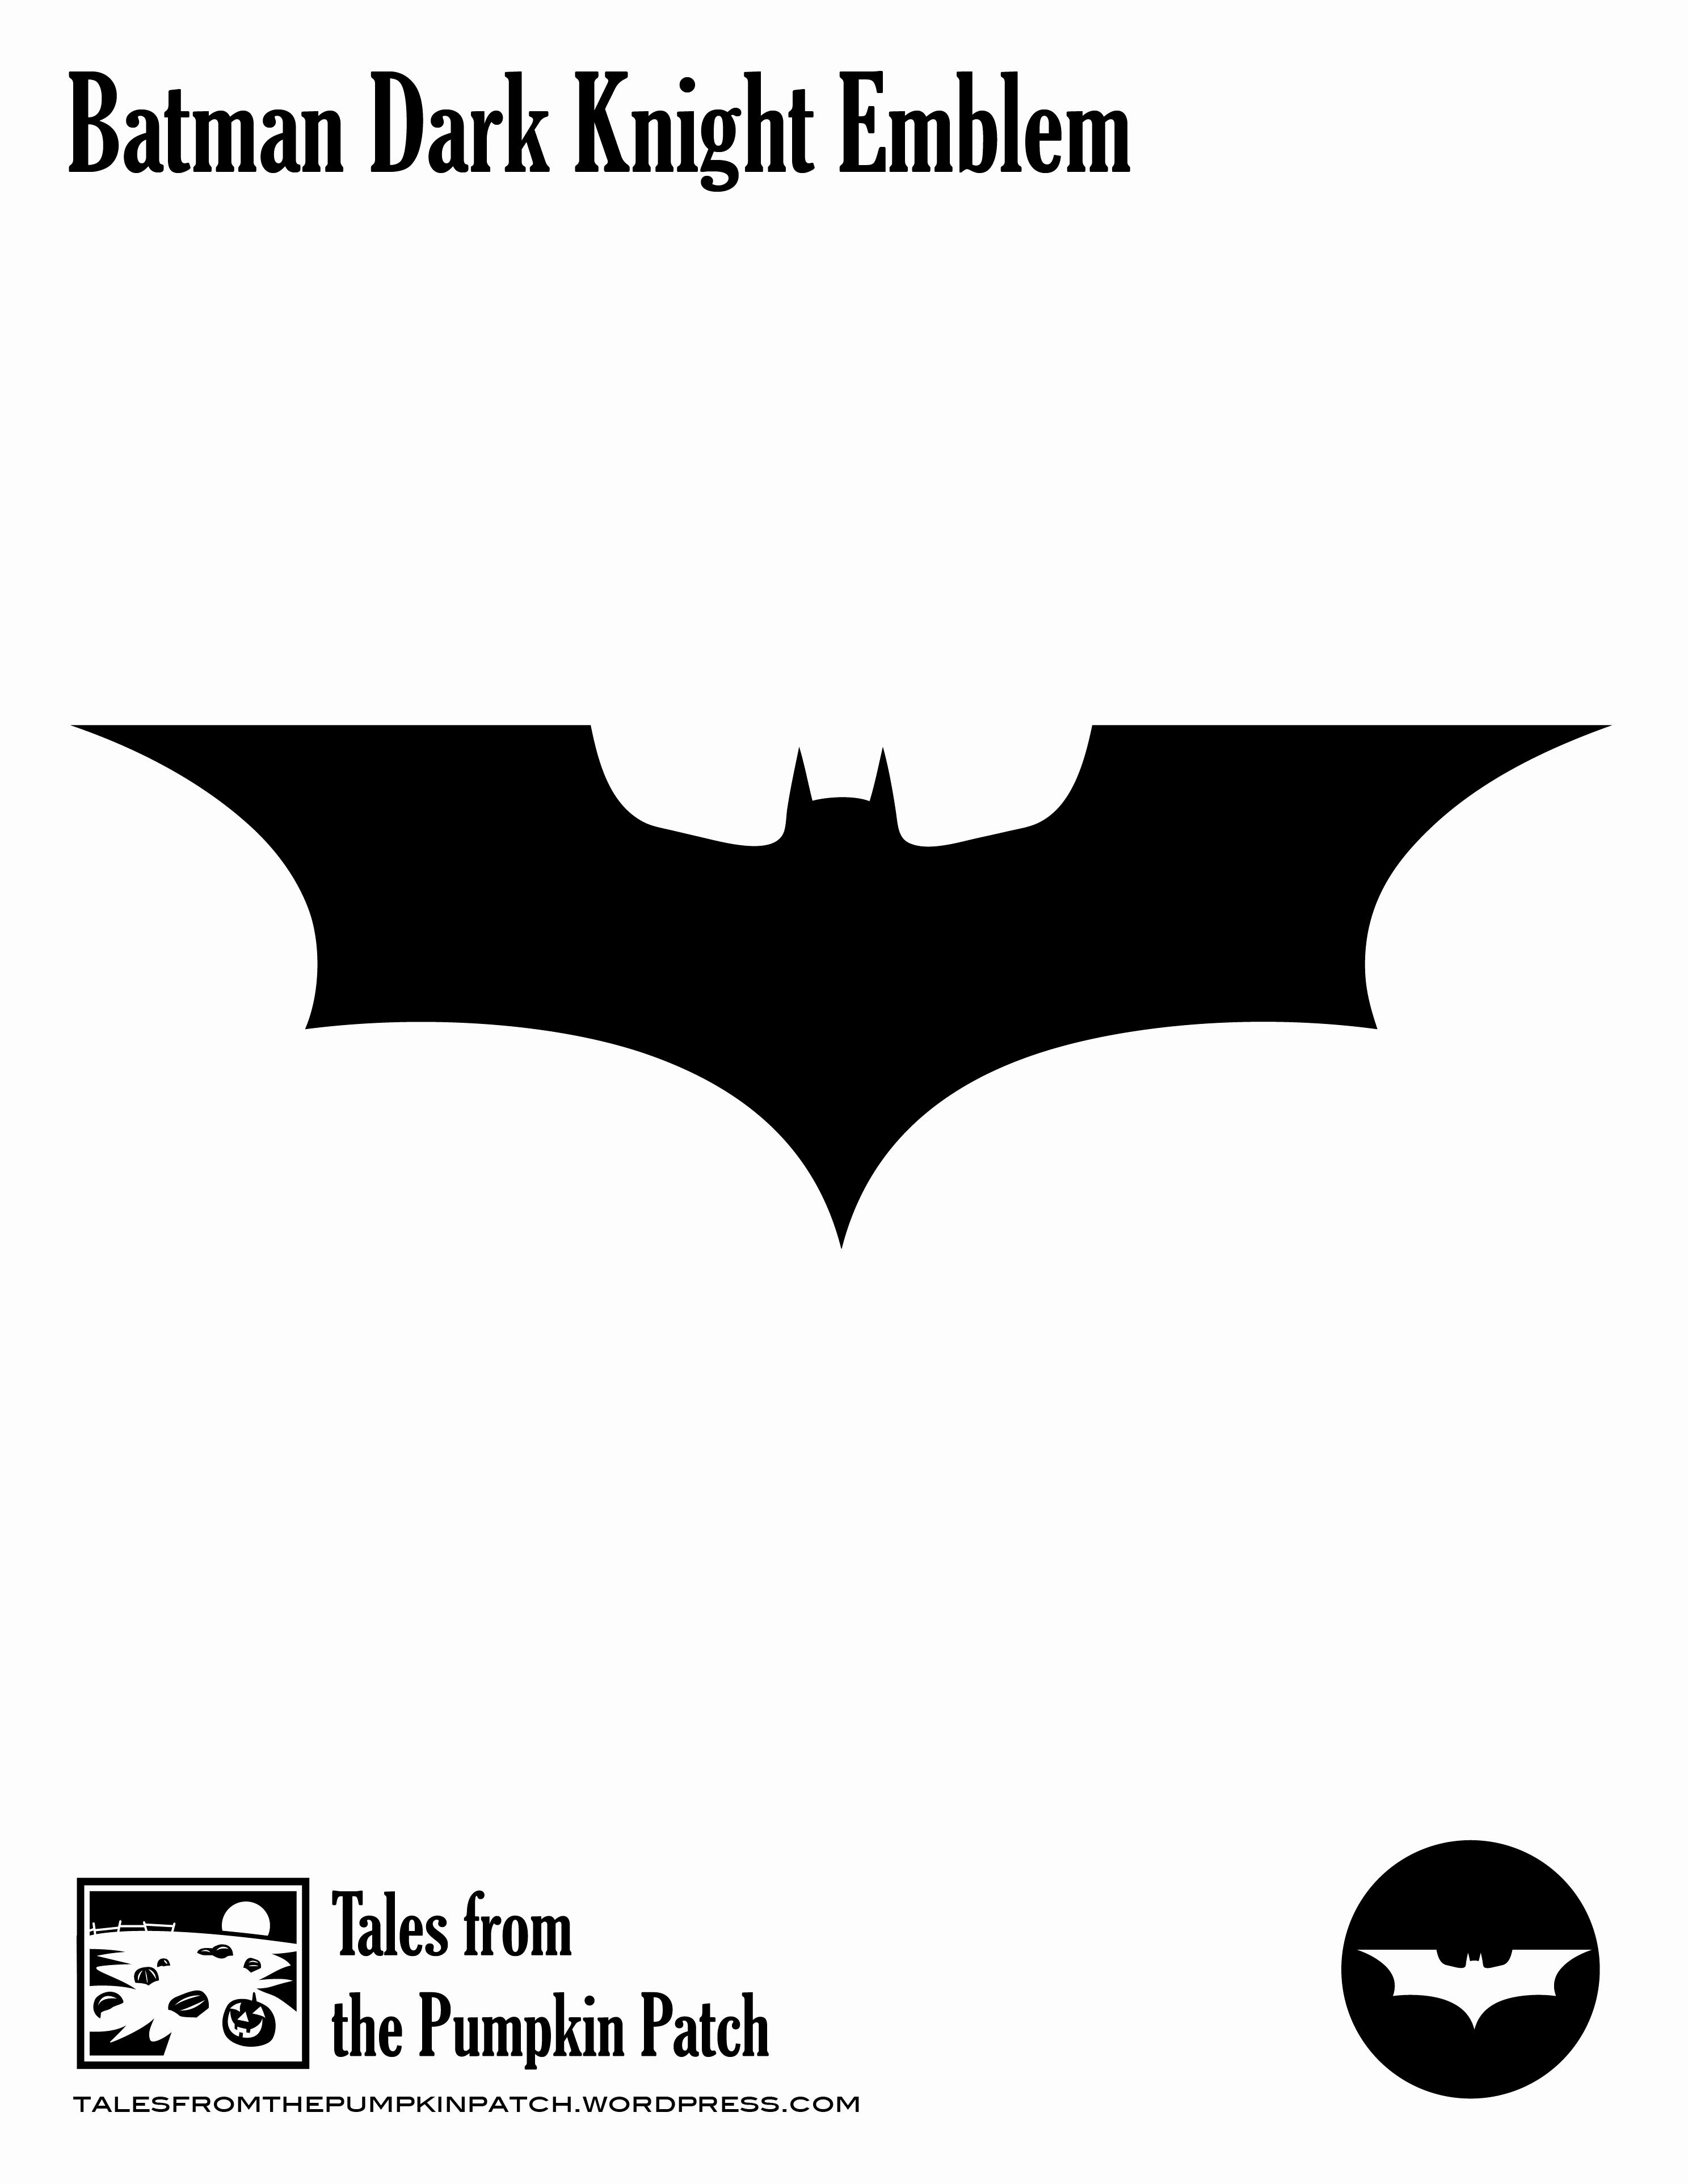 Batman Symbol Pumpkin Stencil Inspirational Batman Dark Knight Emblem – Tales From the Pumpkin Patch